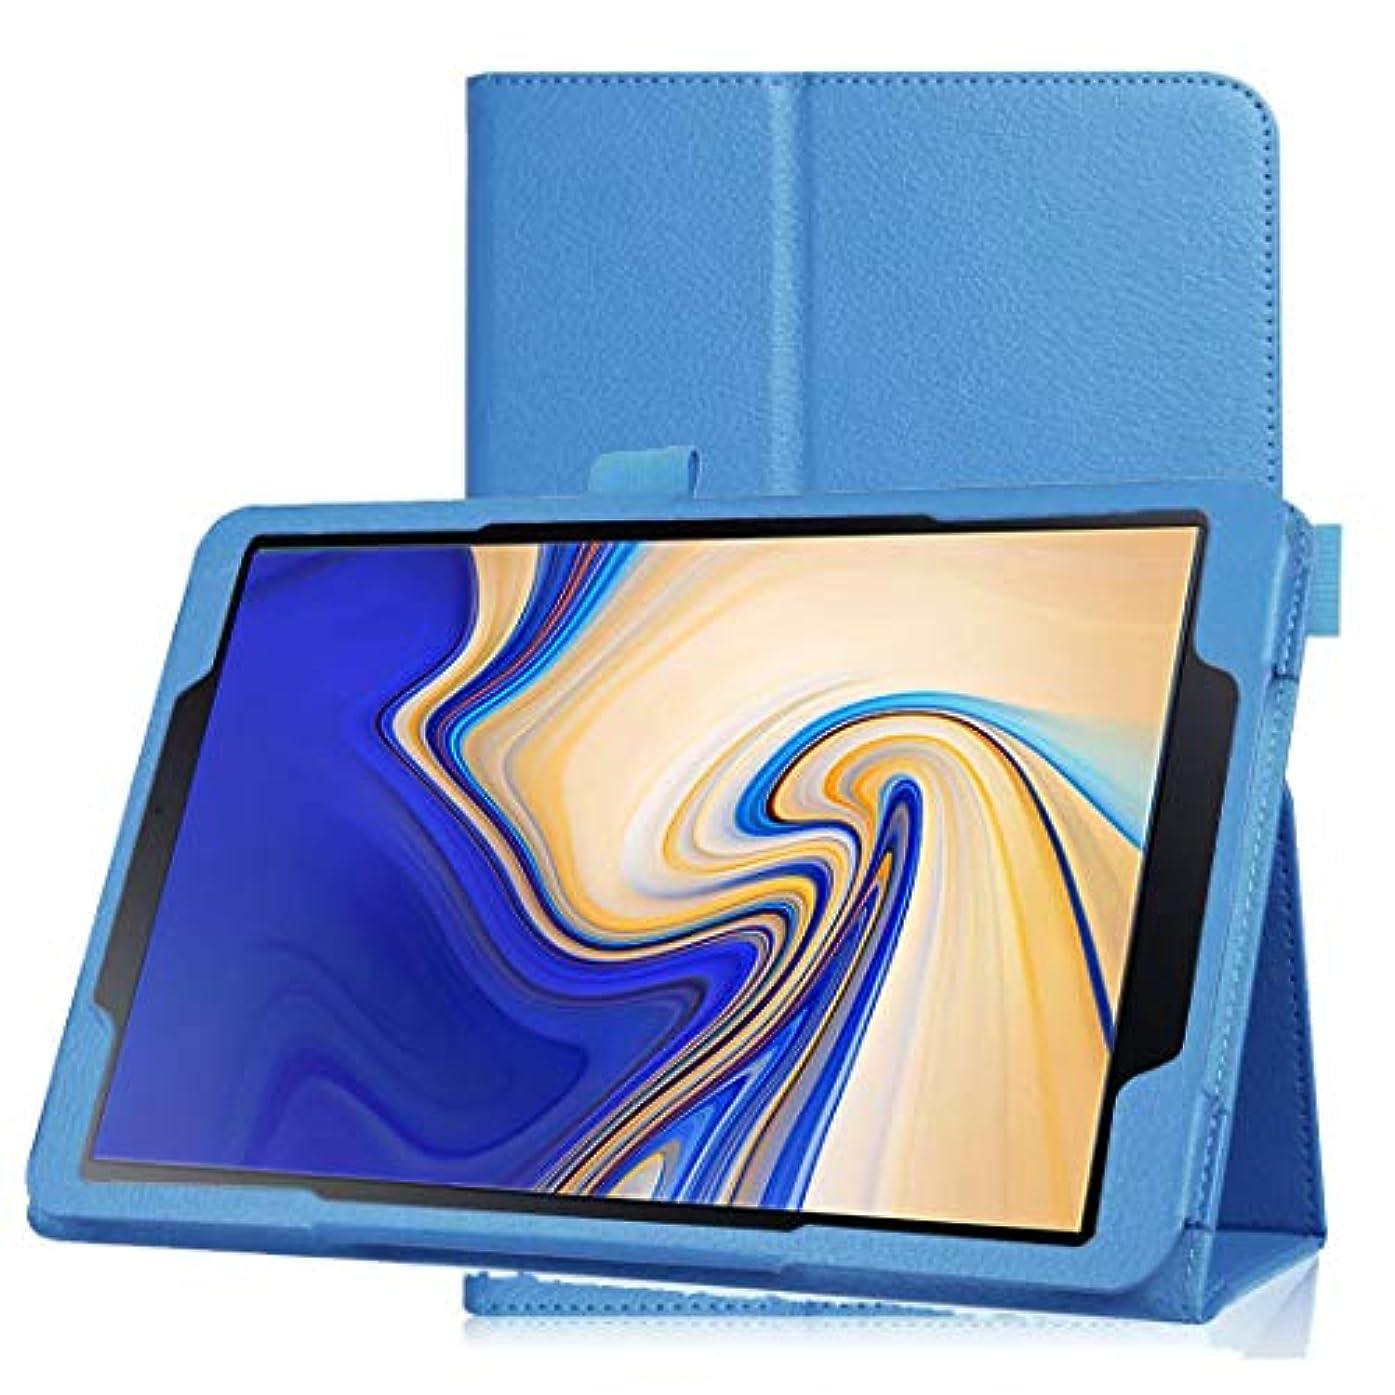 追放ビザ起こるGalaxy tab a 10.5 全面保護ケース INorton 本革ケース スタンド機能 衝撃吸収 PUレザー 軽量薄型 排熱性アップ ソフトケース T830 T835対応